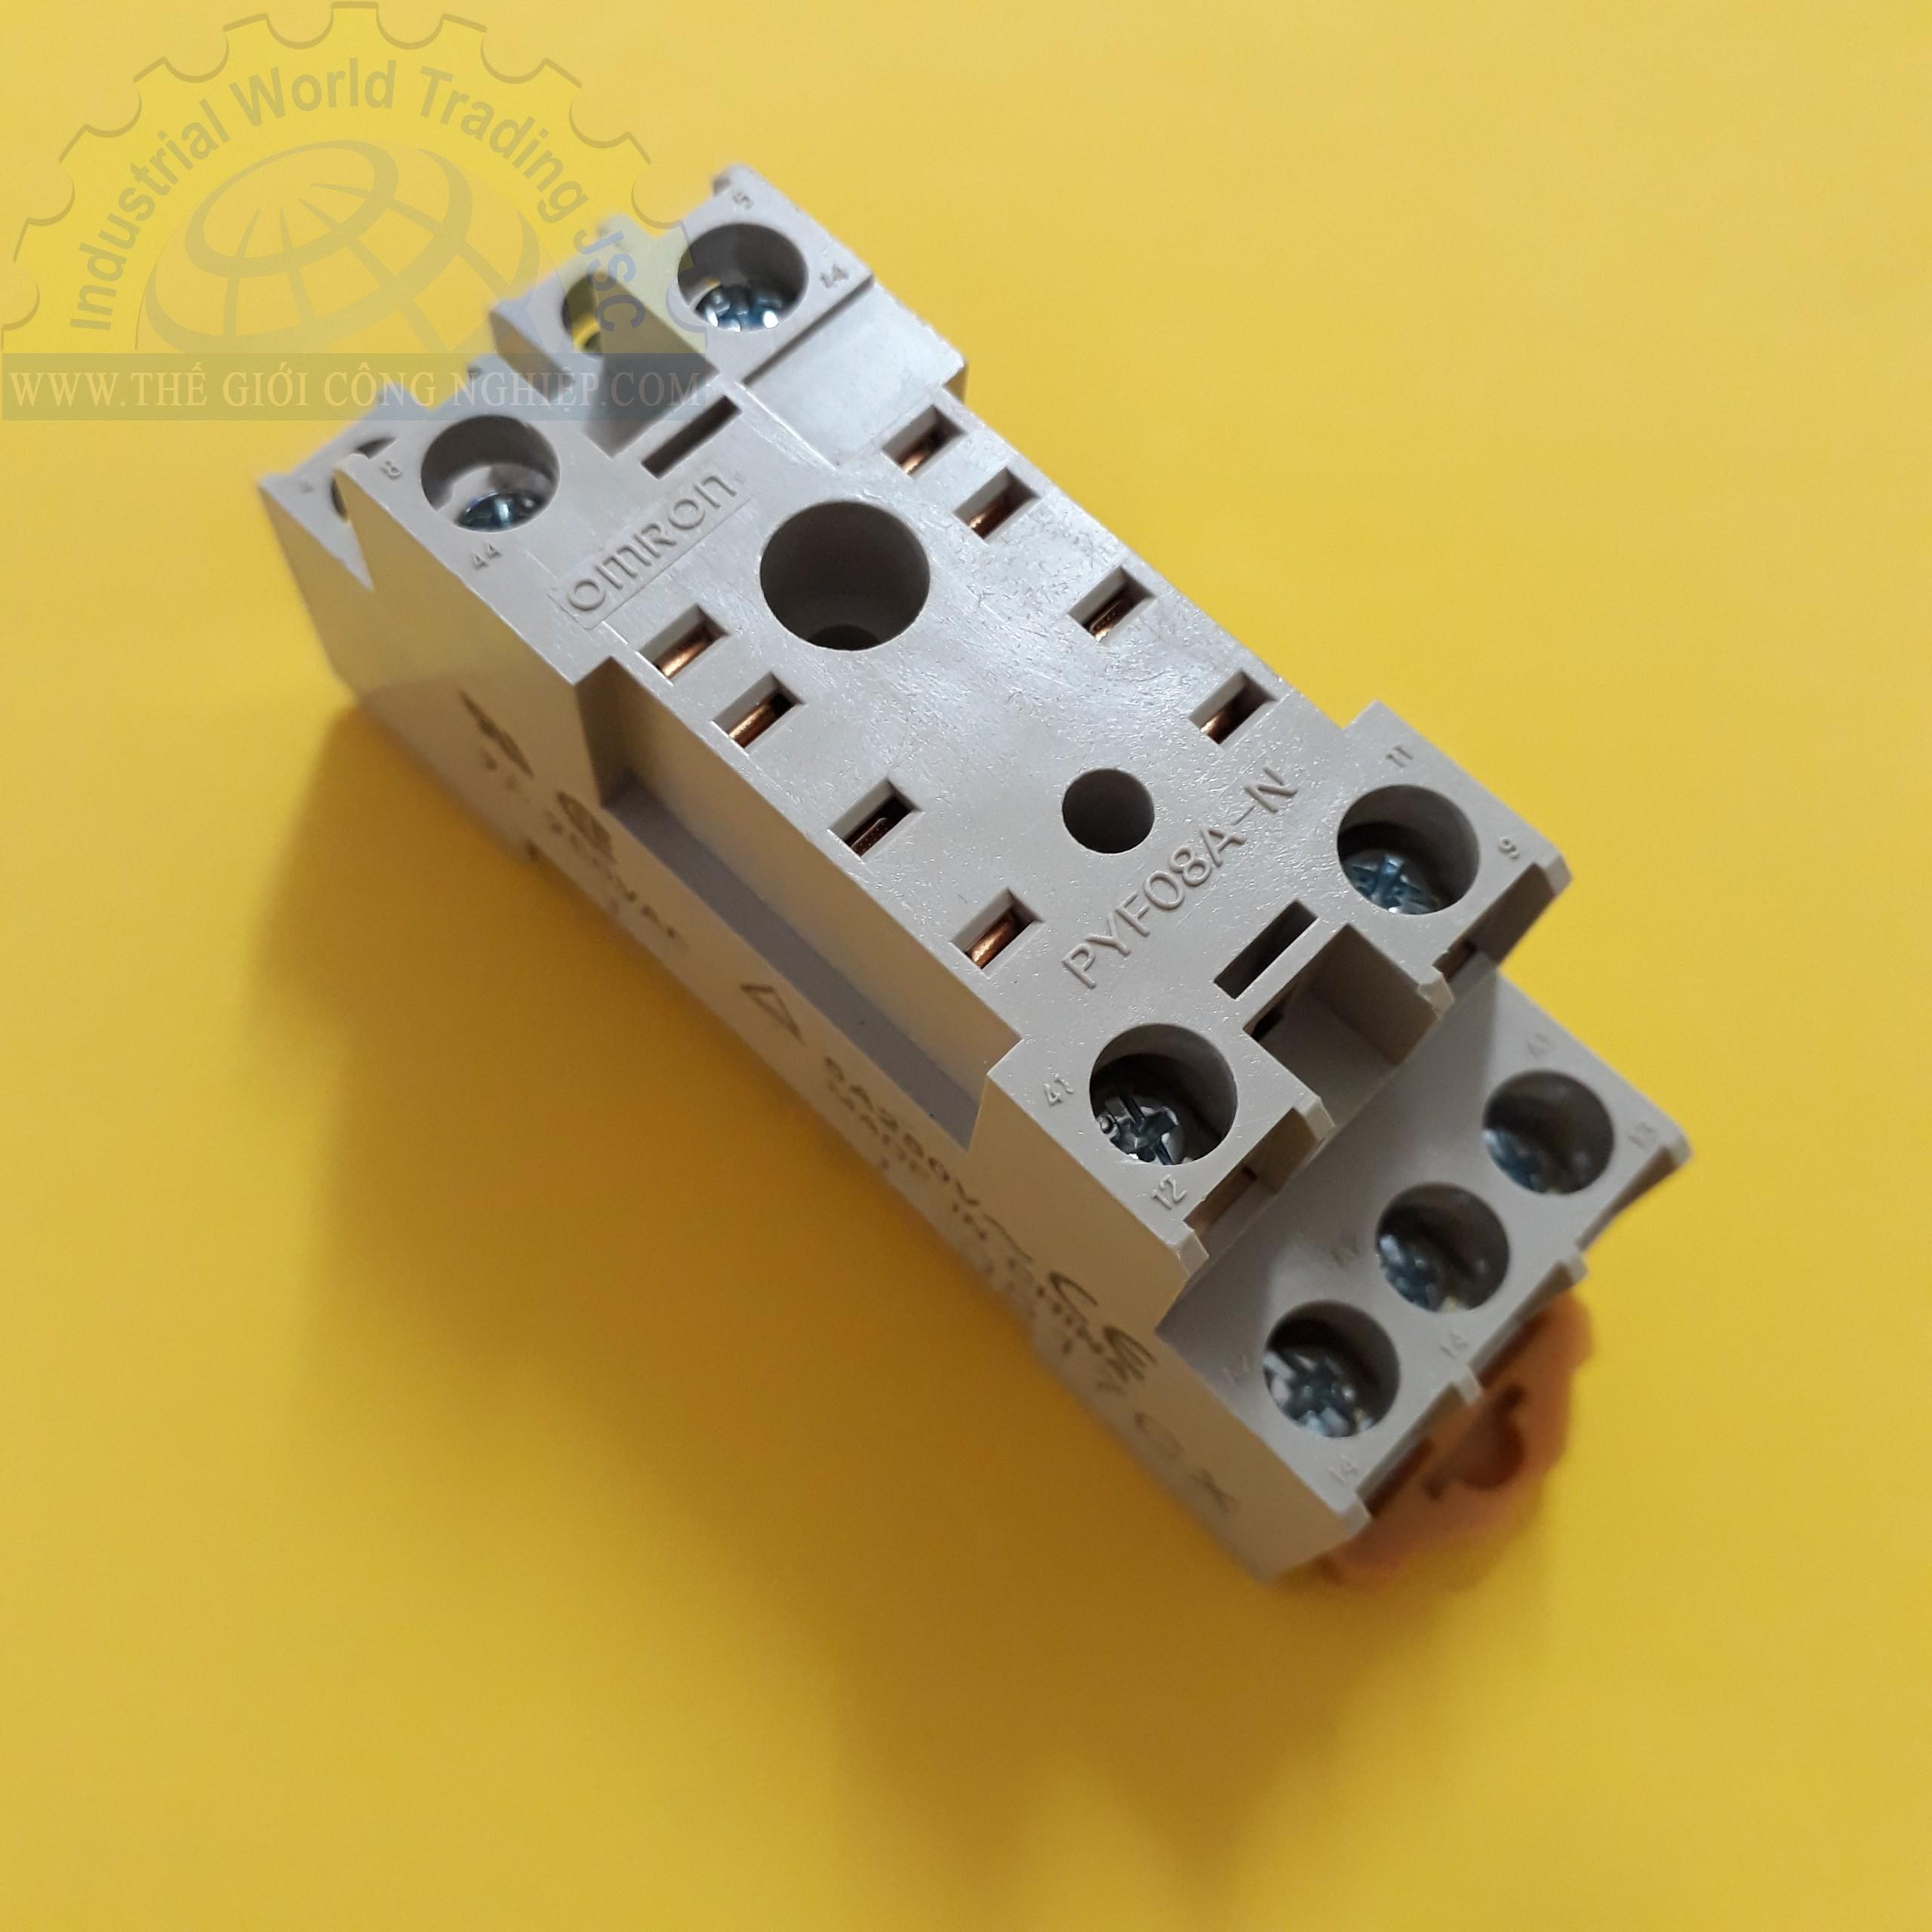 Đế cắm cho relay, Đế 8C dẹp nhỏ Đế cắm 8 chân dẹp nhỏ PYF08A-N BY OMZ PYF08A-N PYF08A N Omron